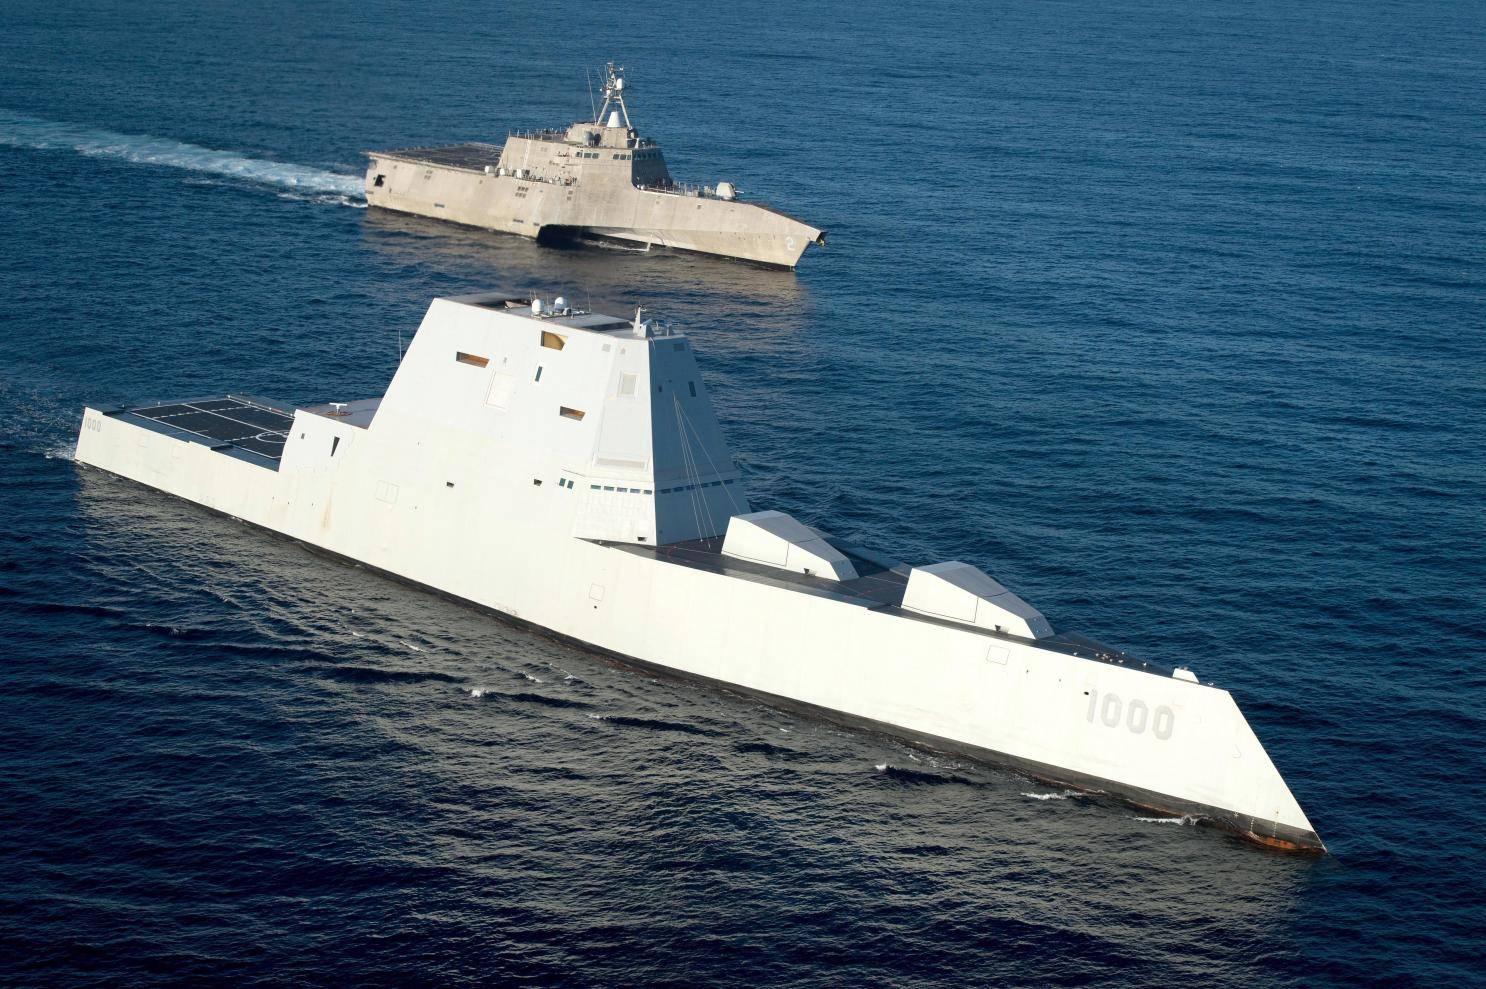 原来大眼睛的美国也指055?下一代驱逐舰透露,只比伯克贵一点点